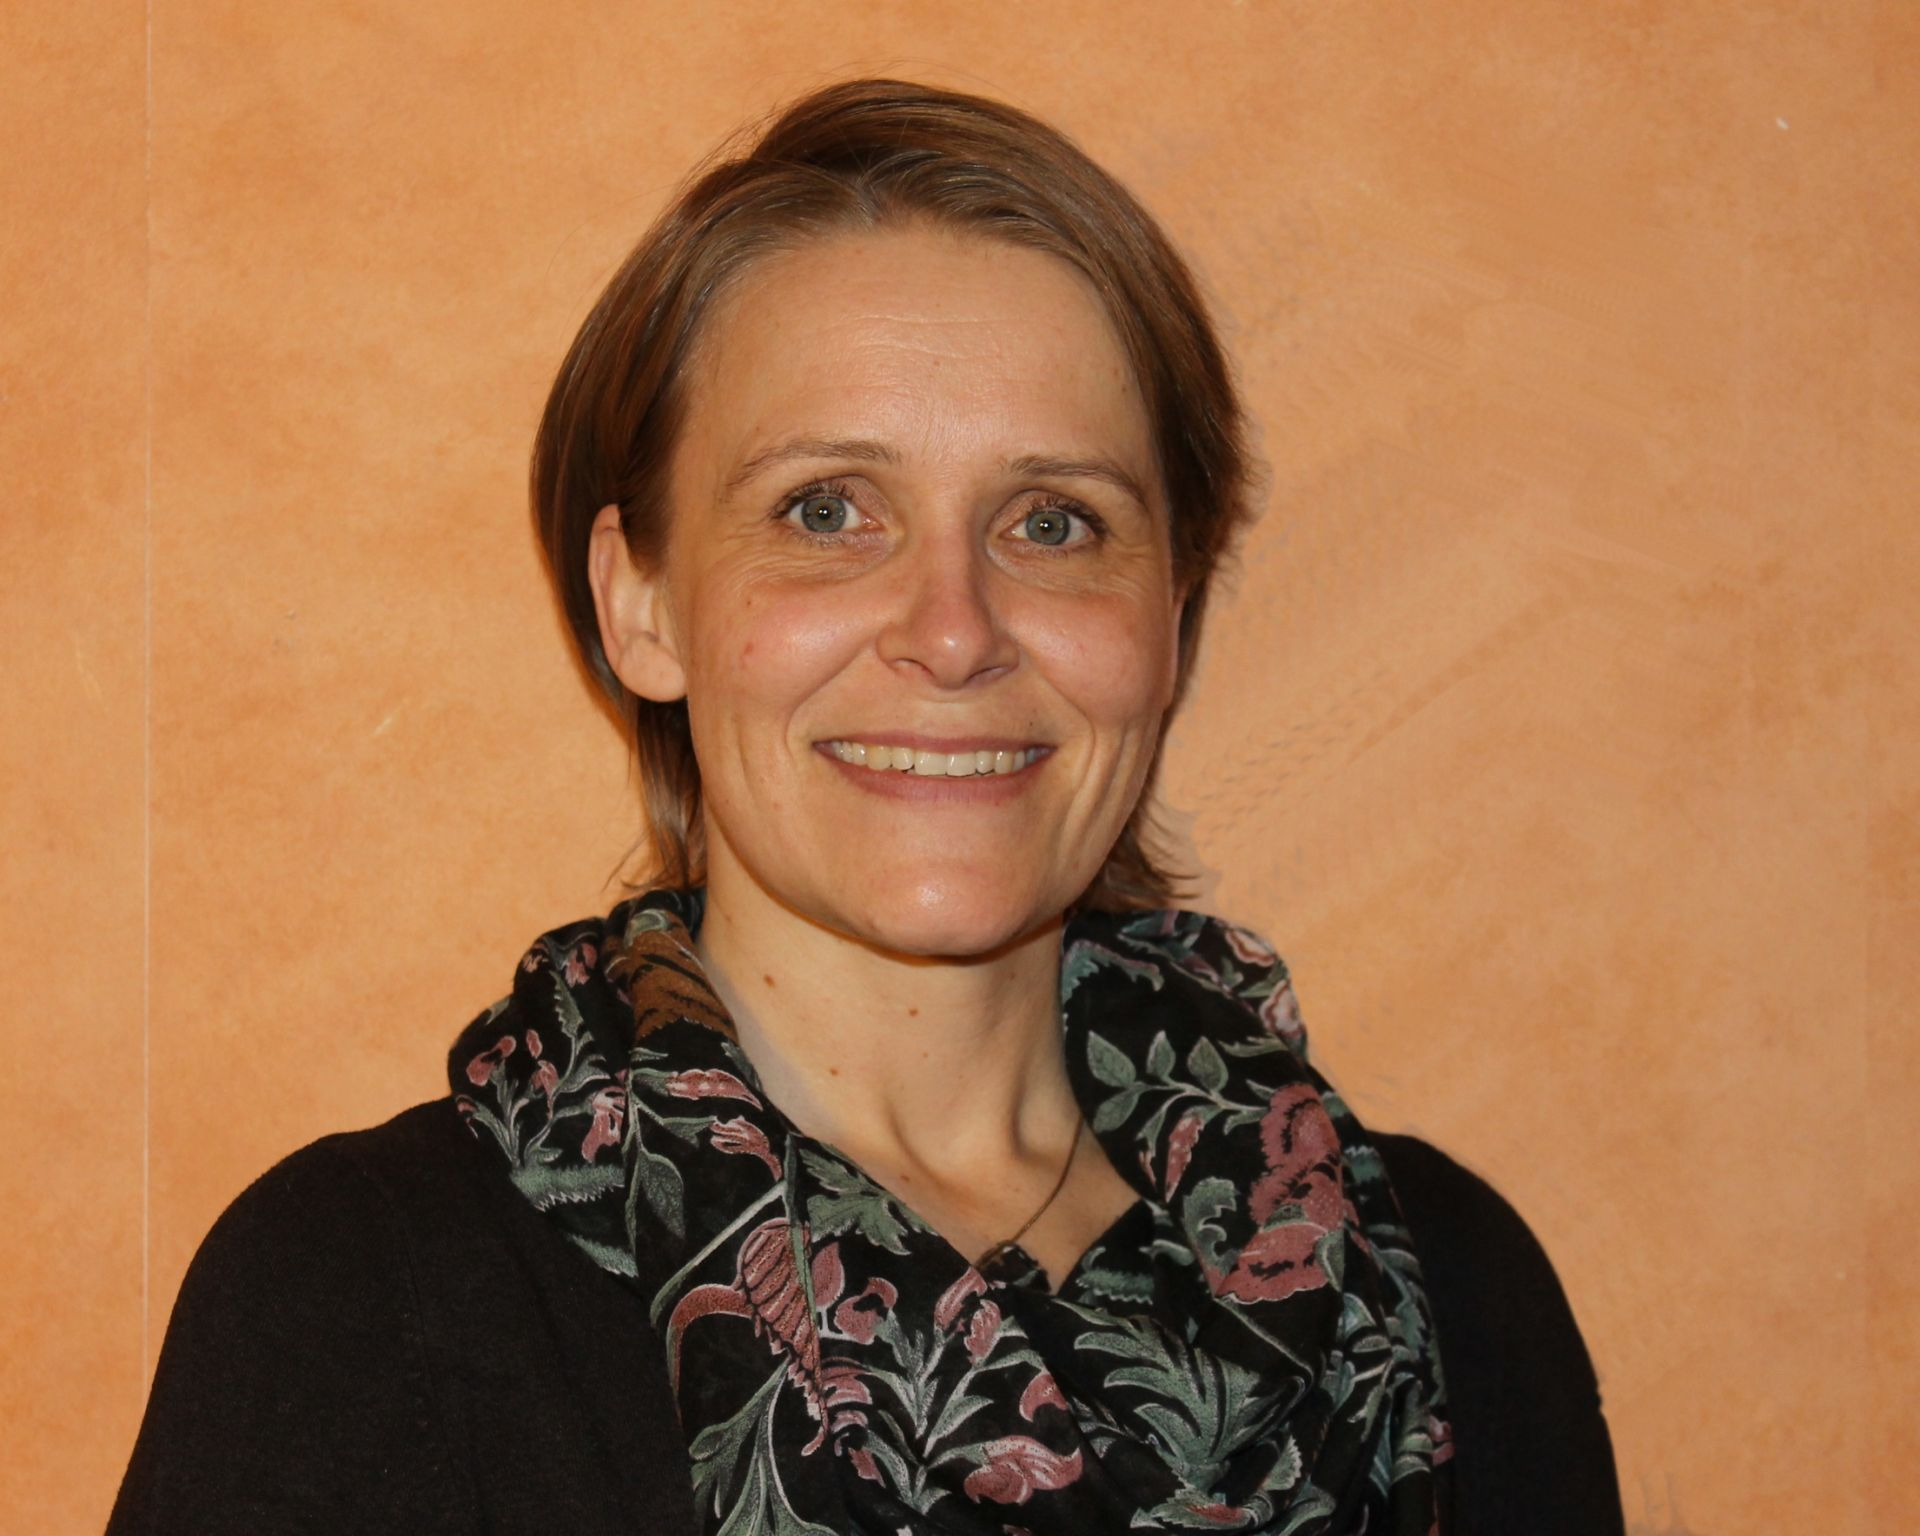 Pernilla Syrjä